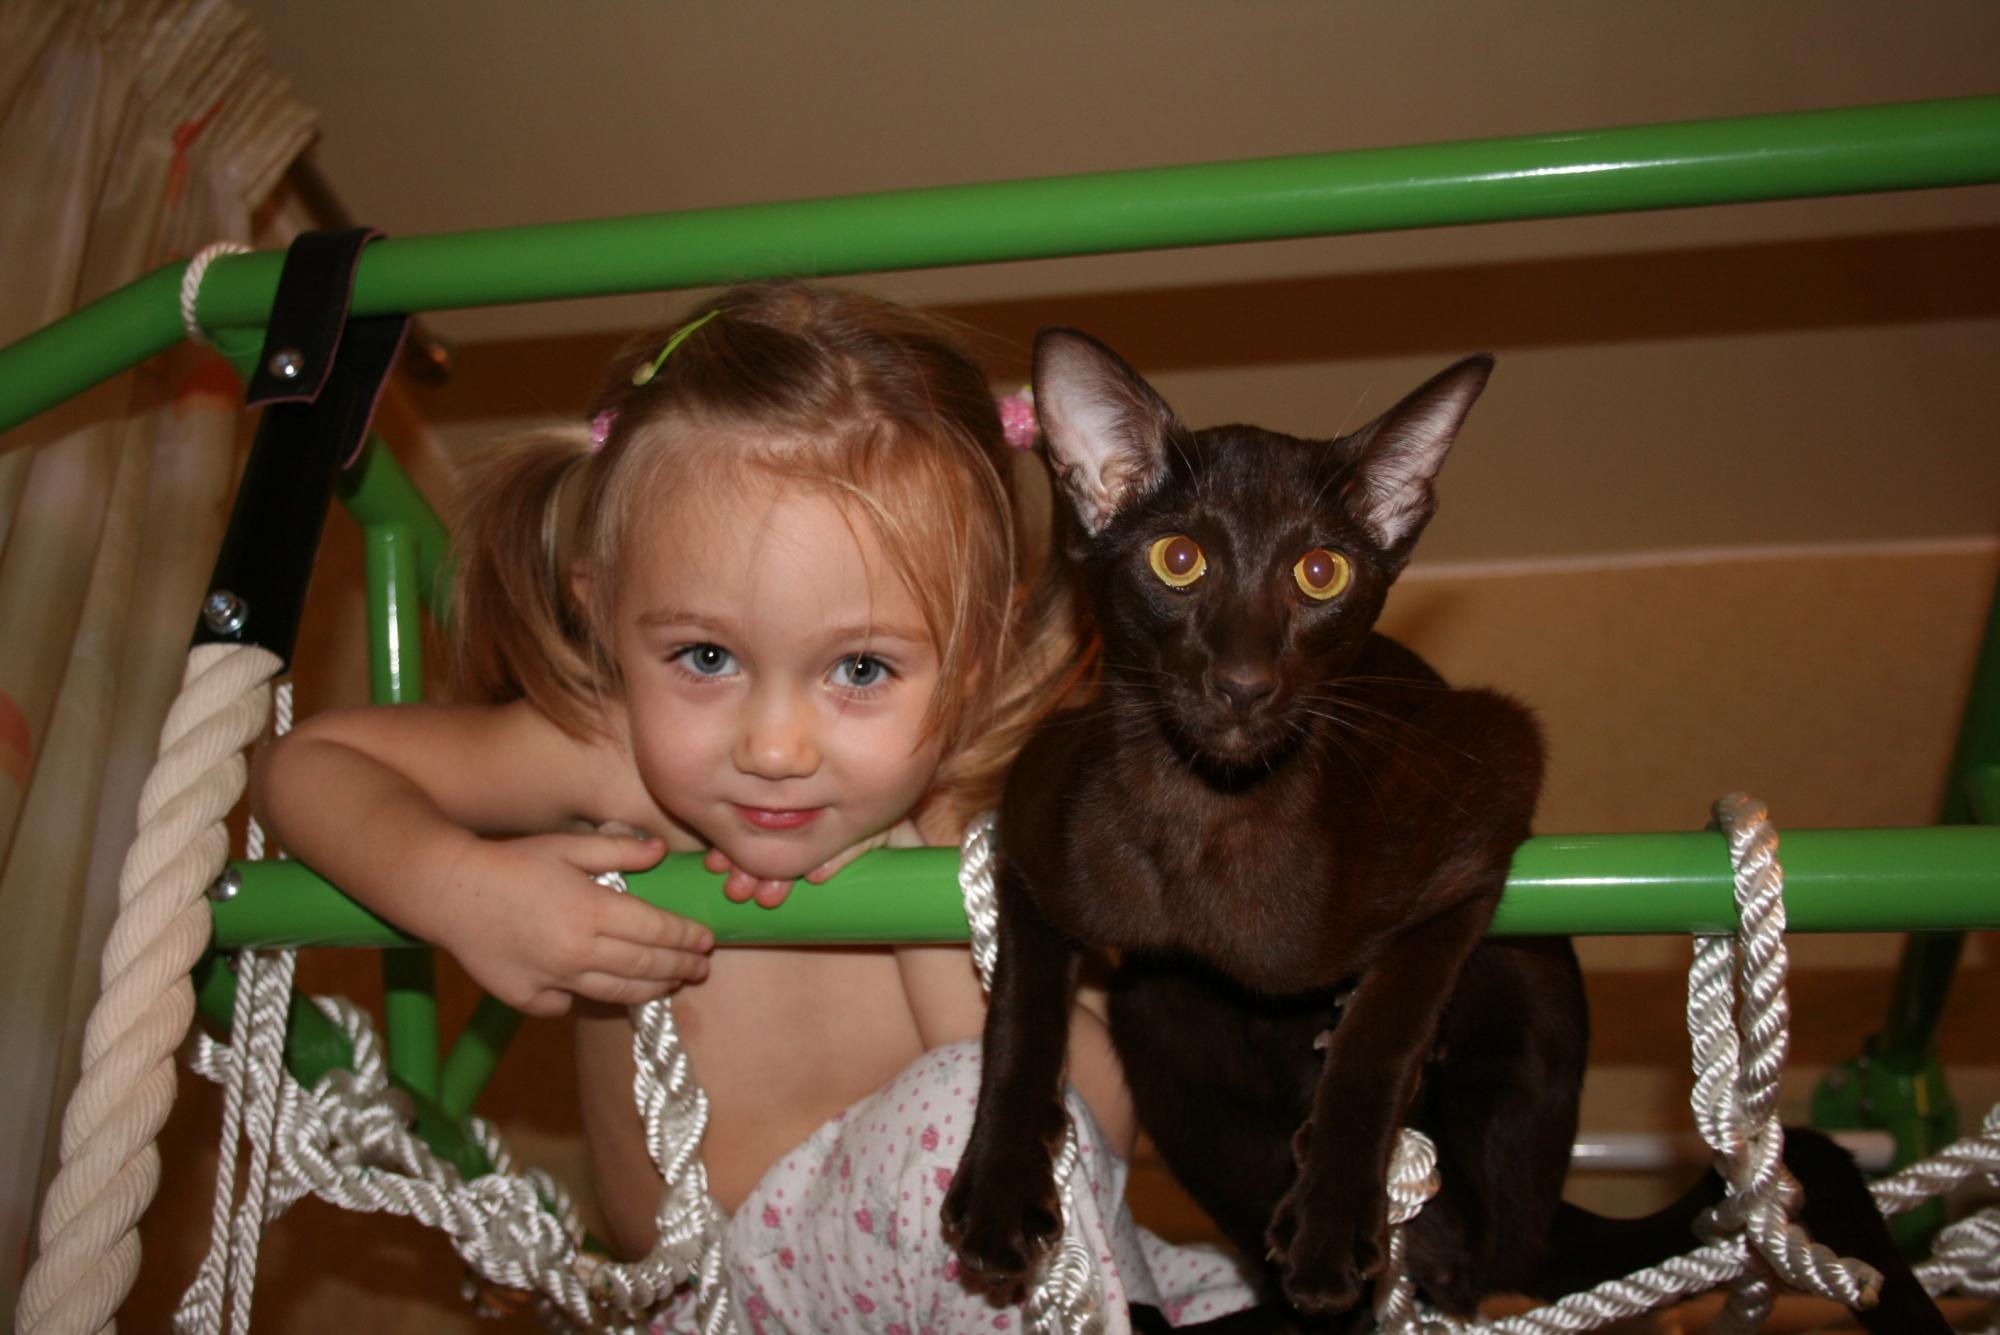 участке прикольные картинки кошек с детьми узоре изобразить молнию